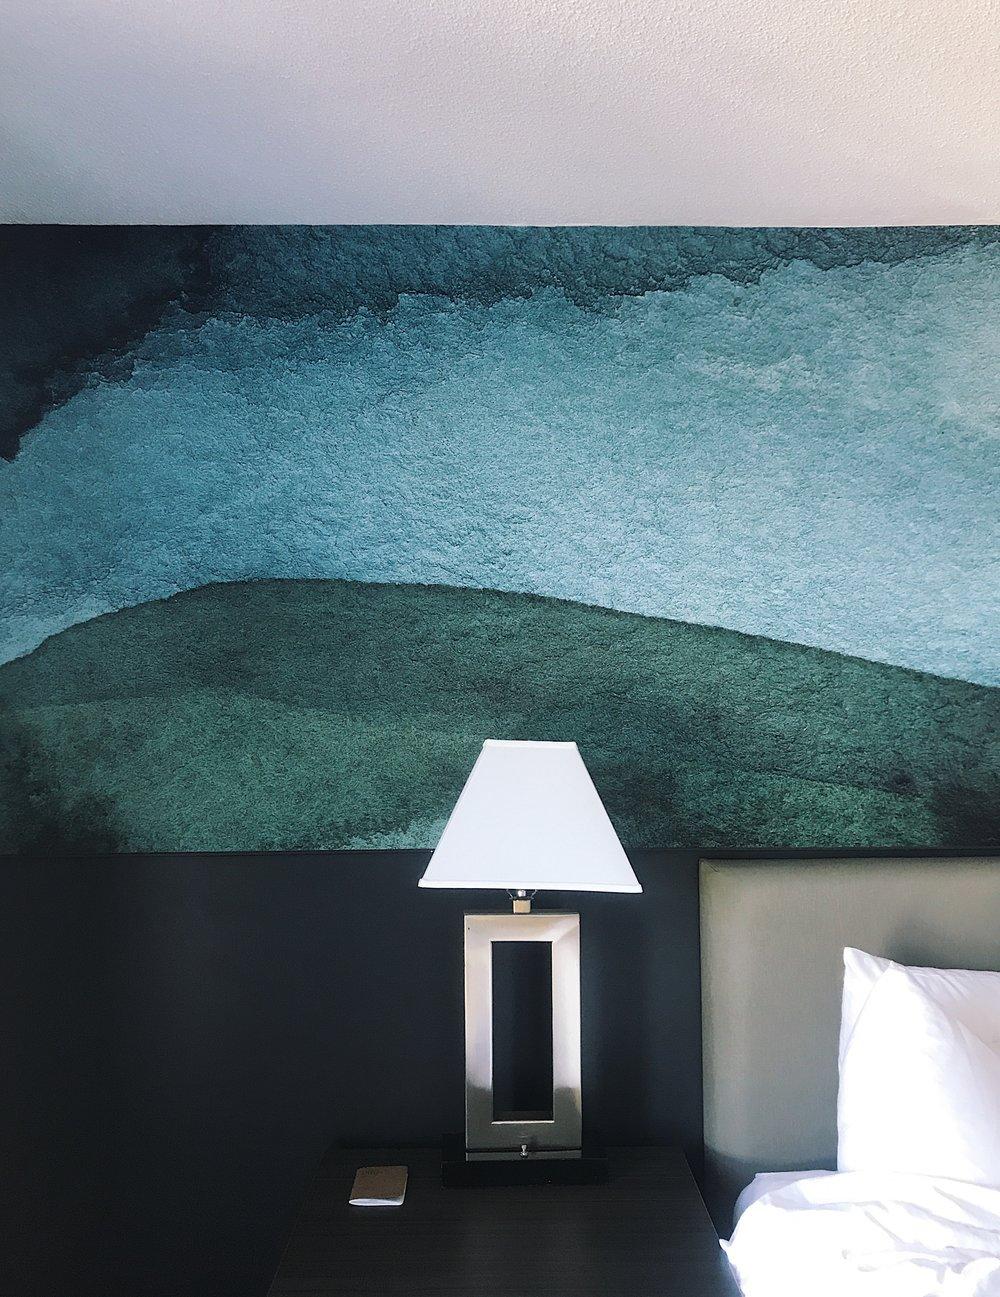 Room 506, Studio Allston Hotel Boston, MA